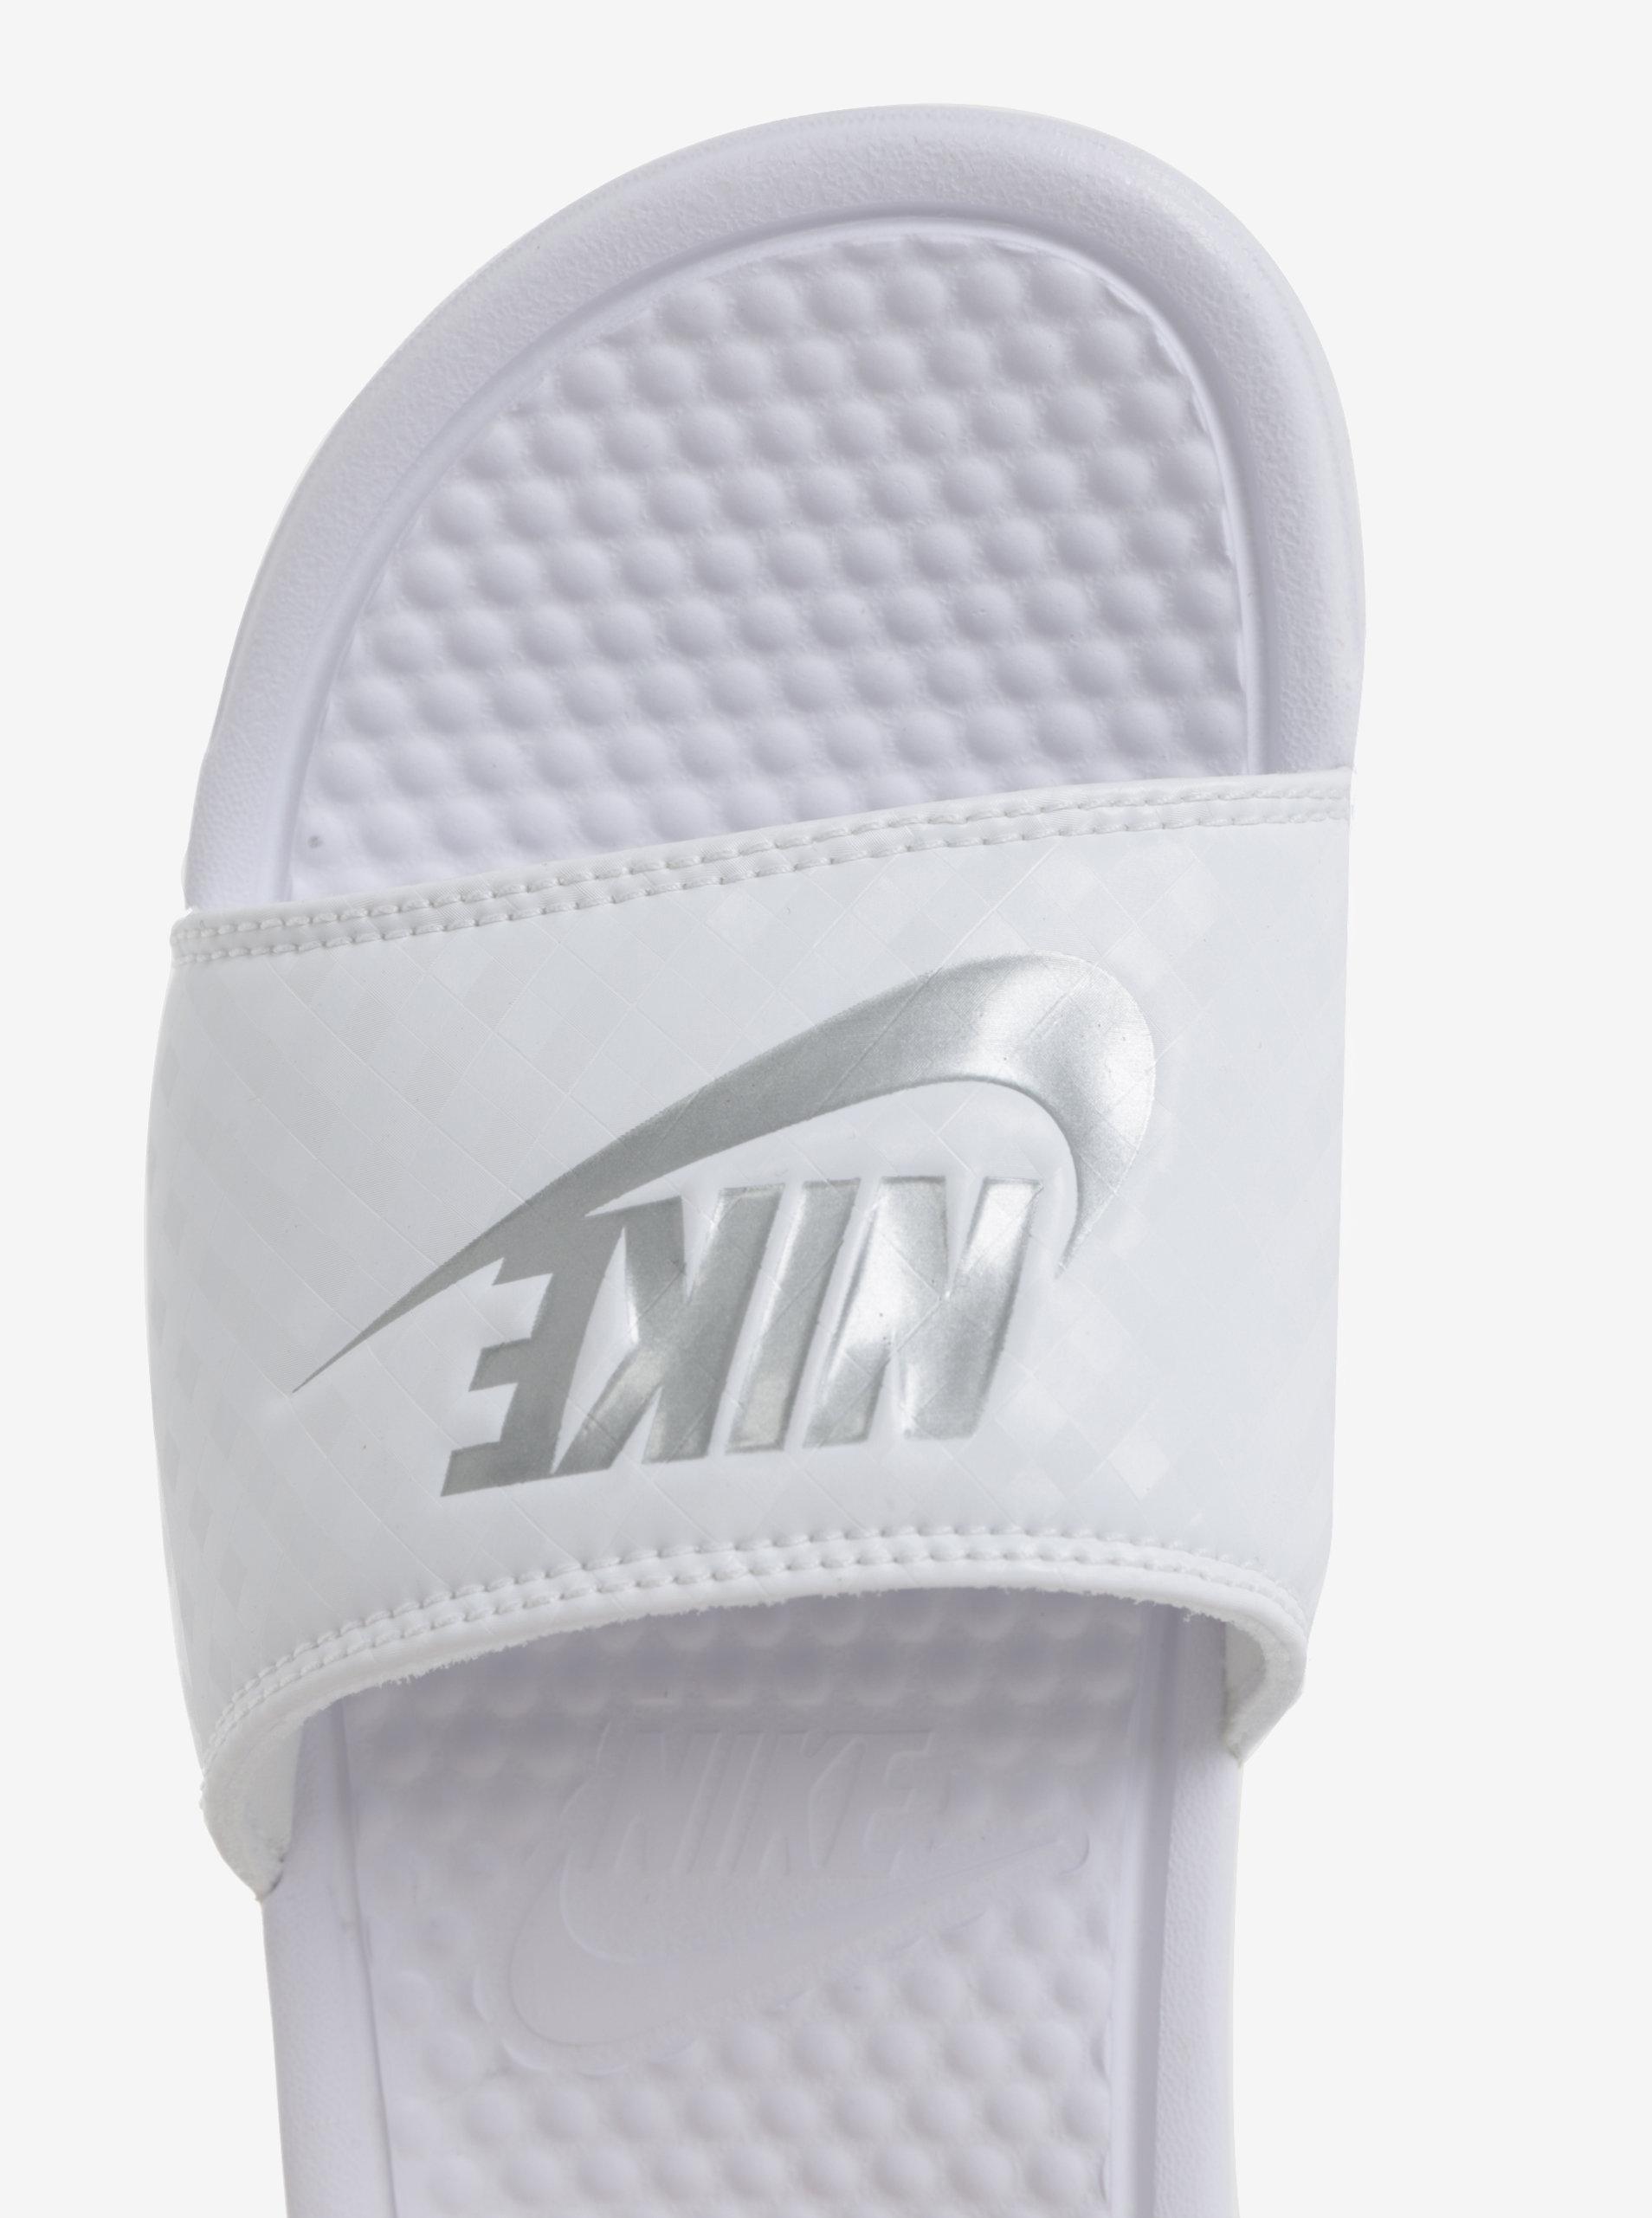 dcb876eccbf63 Biele dámske šľapky Nike Benassi Jdi | ZOOT.sk